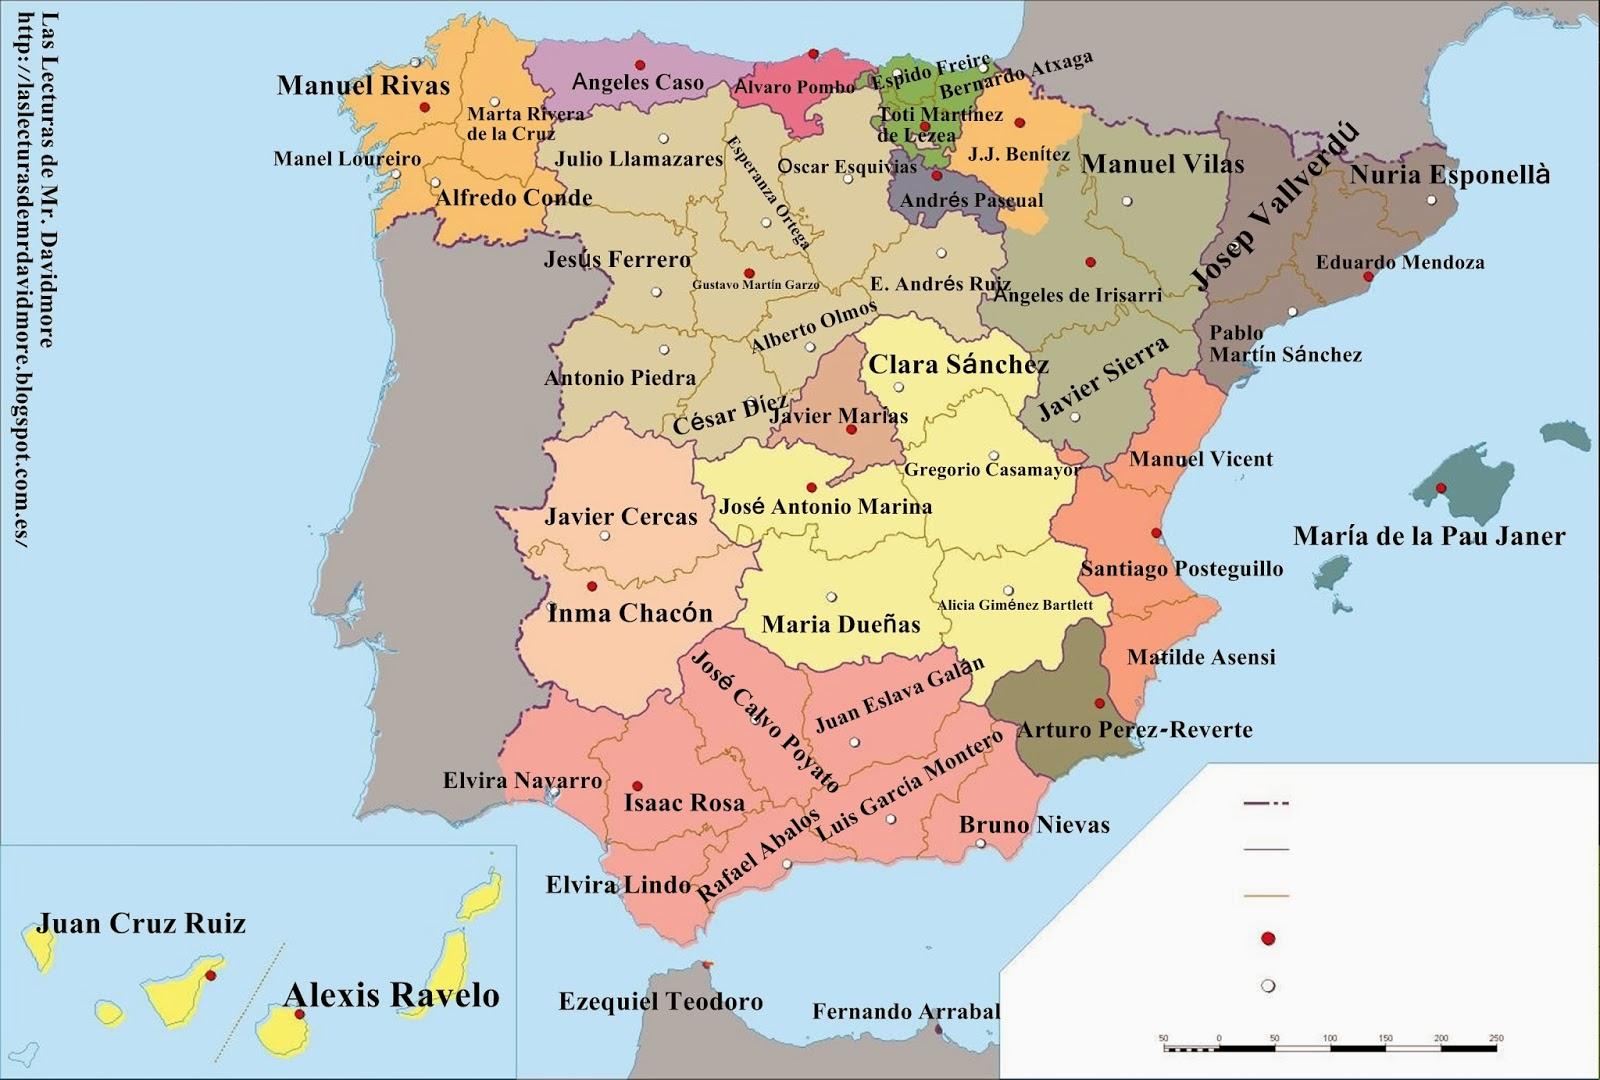 Mapa Provincial De España.Las Lecturas De Mr Davidmore Mapa Provincial Literario De